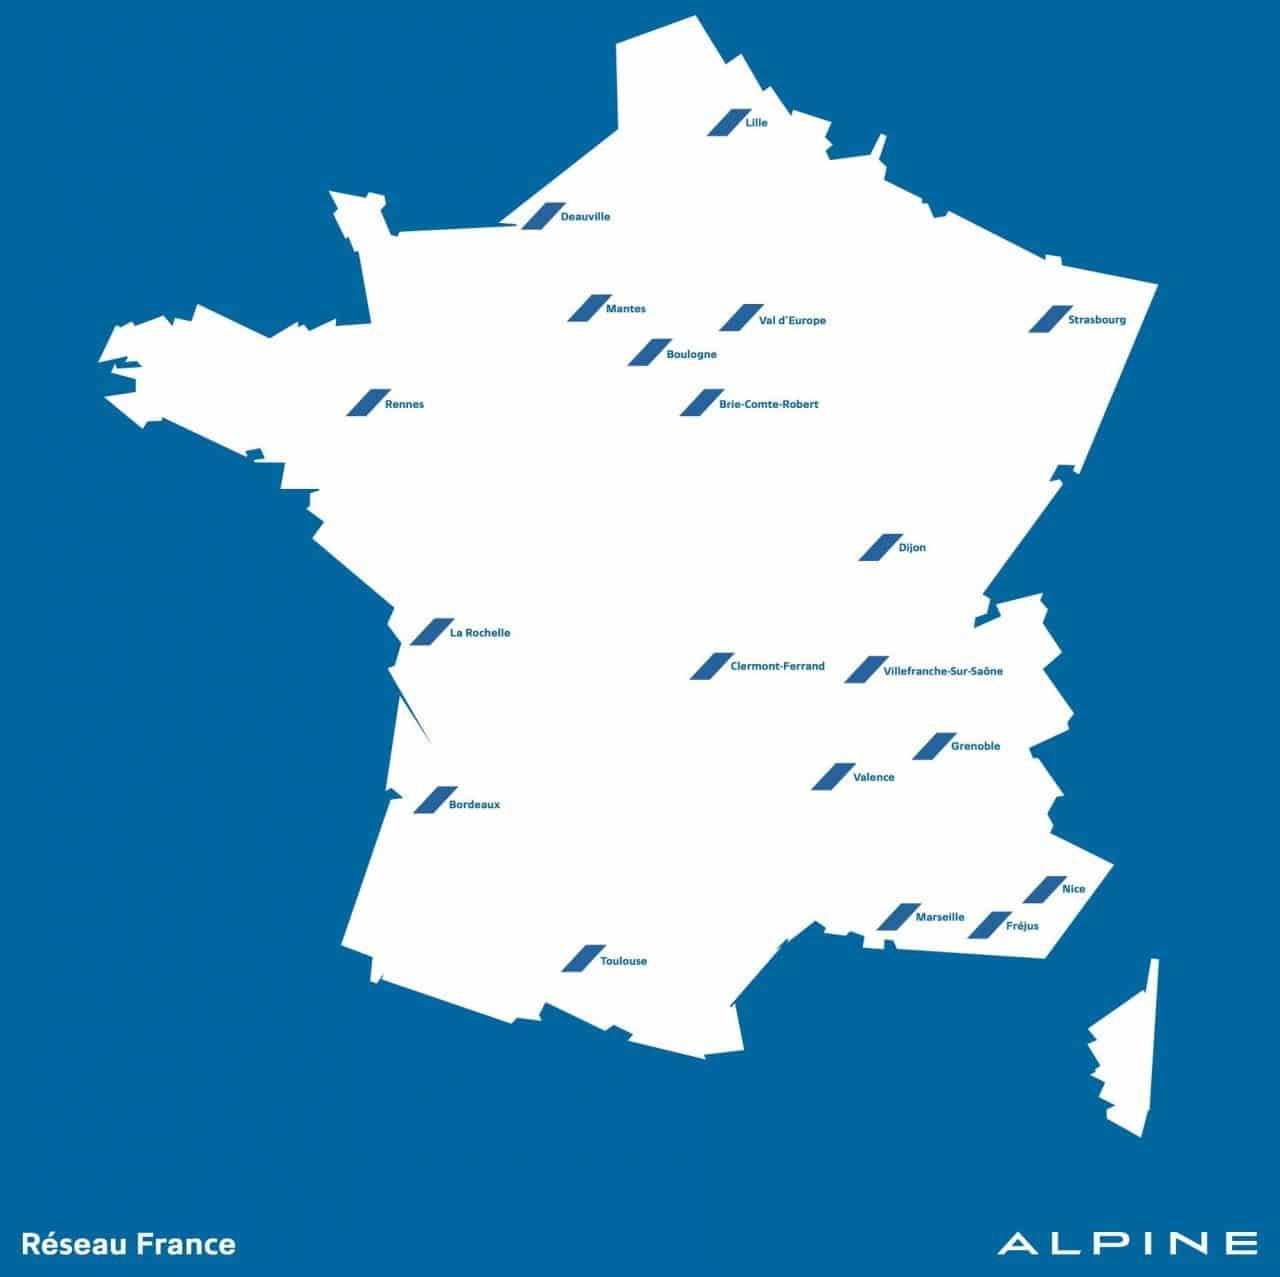 Alpine réseaux de distribution 2017